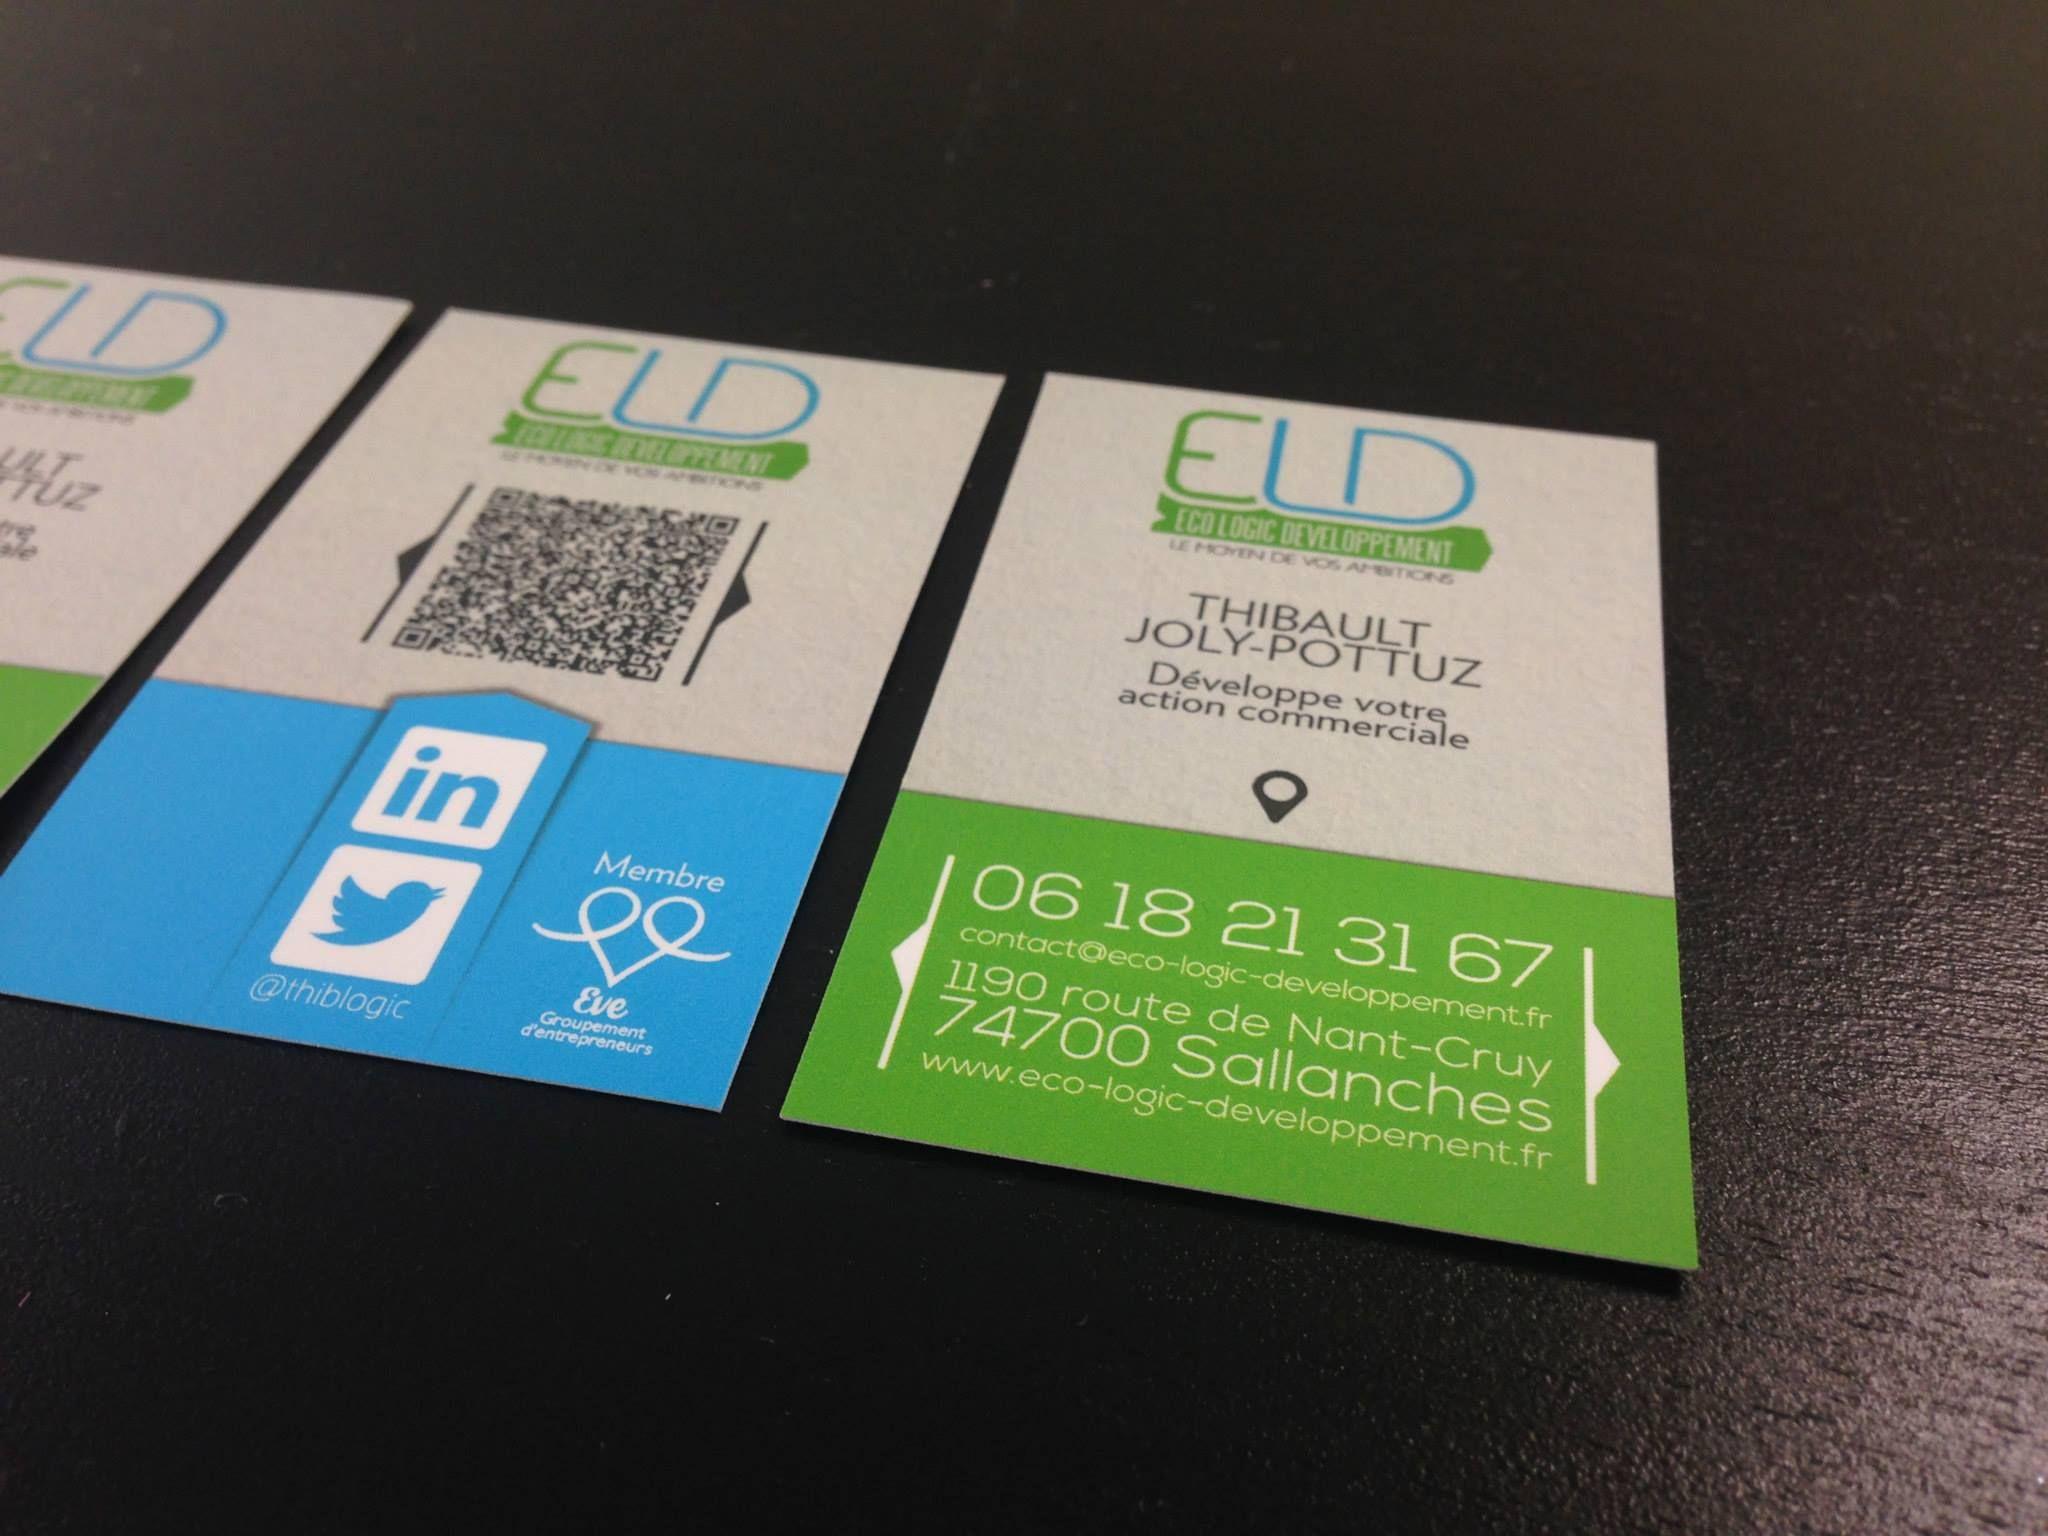 Logo Et Carte De Visite Pour Co Logic Dveloppement Une Entreprise Qui Aide Ses Homologues Se Dvelopper Commercialement